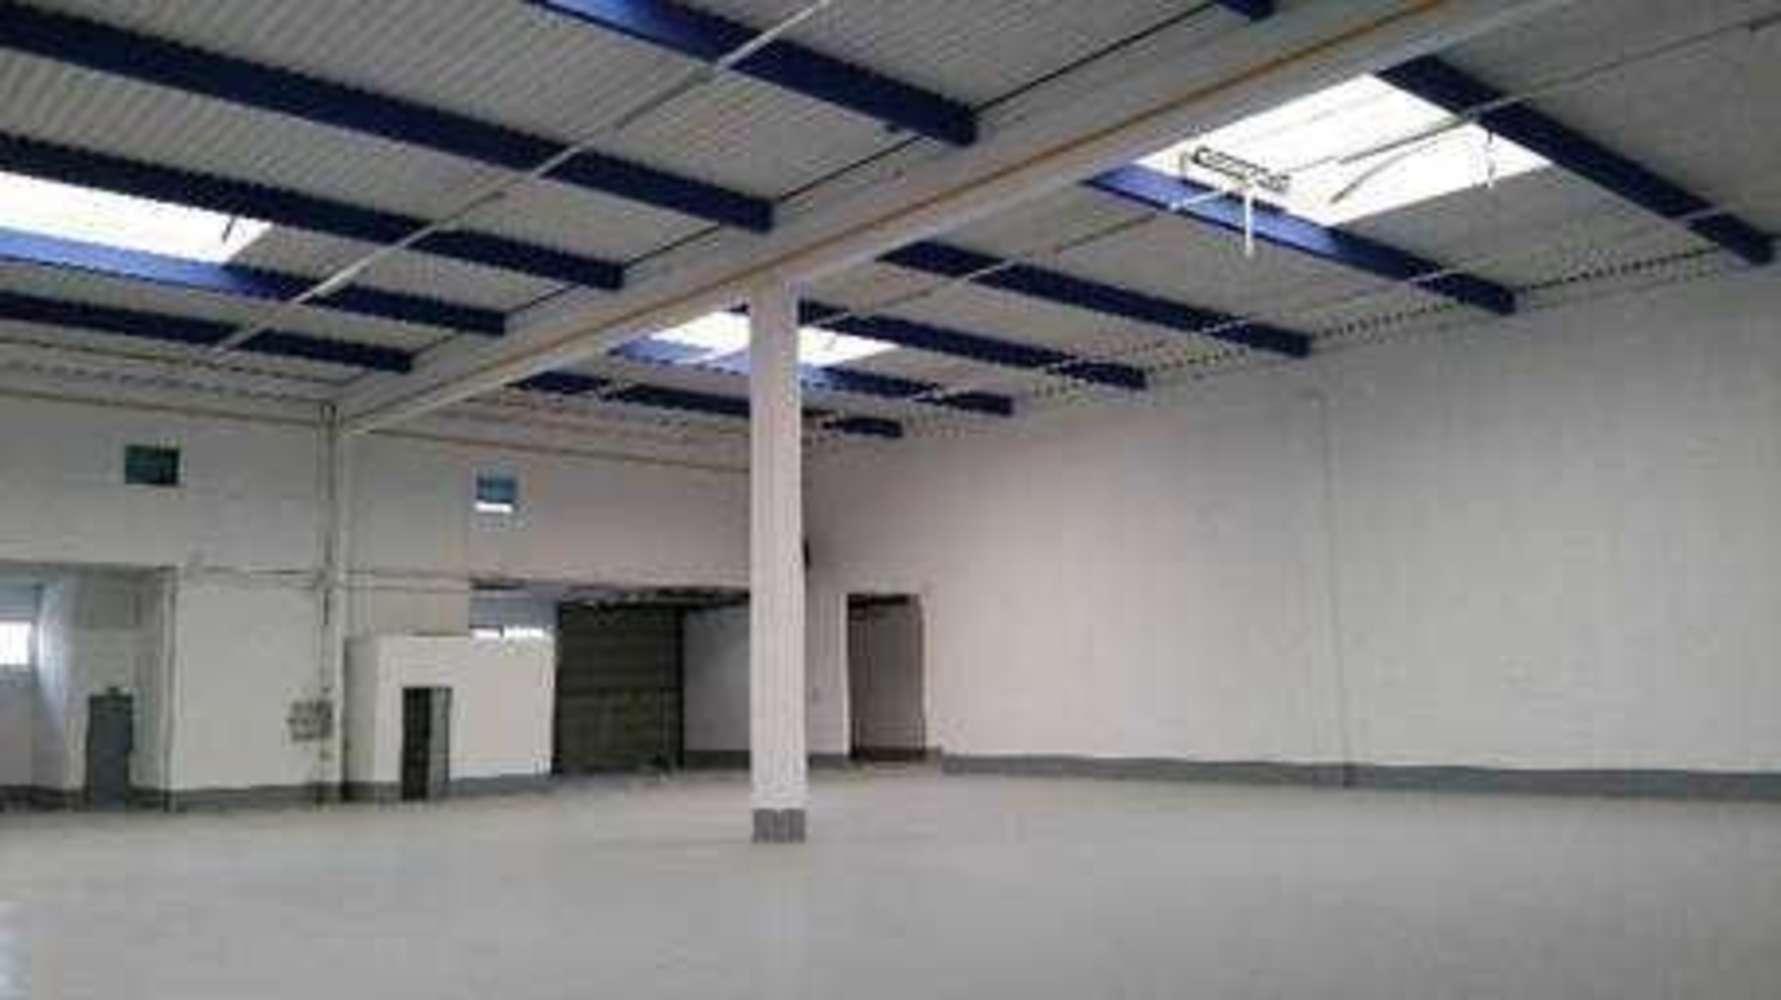 Activités/entrepôt Bonneuil sur marne, 94380 - ZAC DES PETITS CARREAUX - 9461049